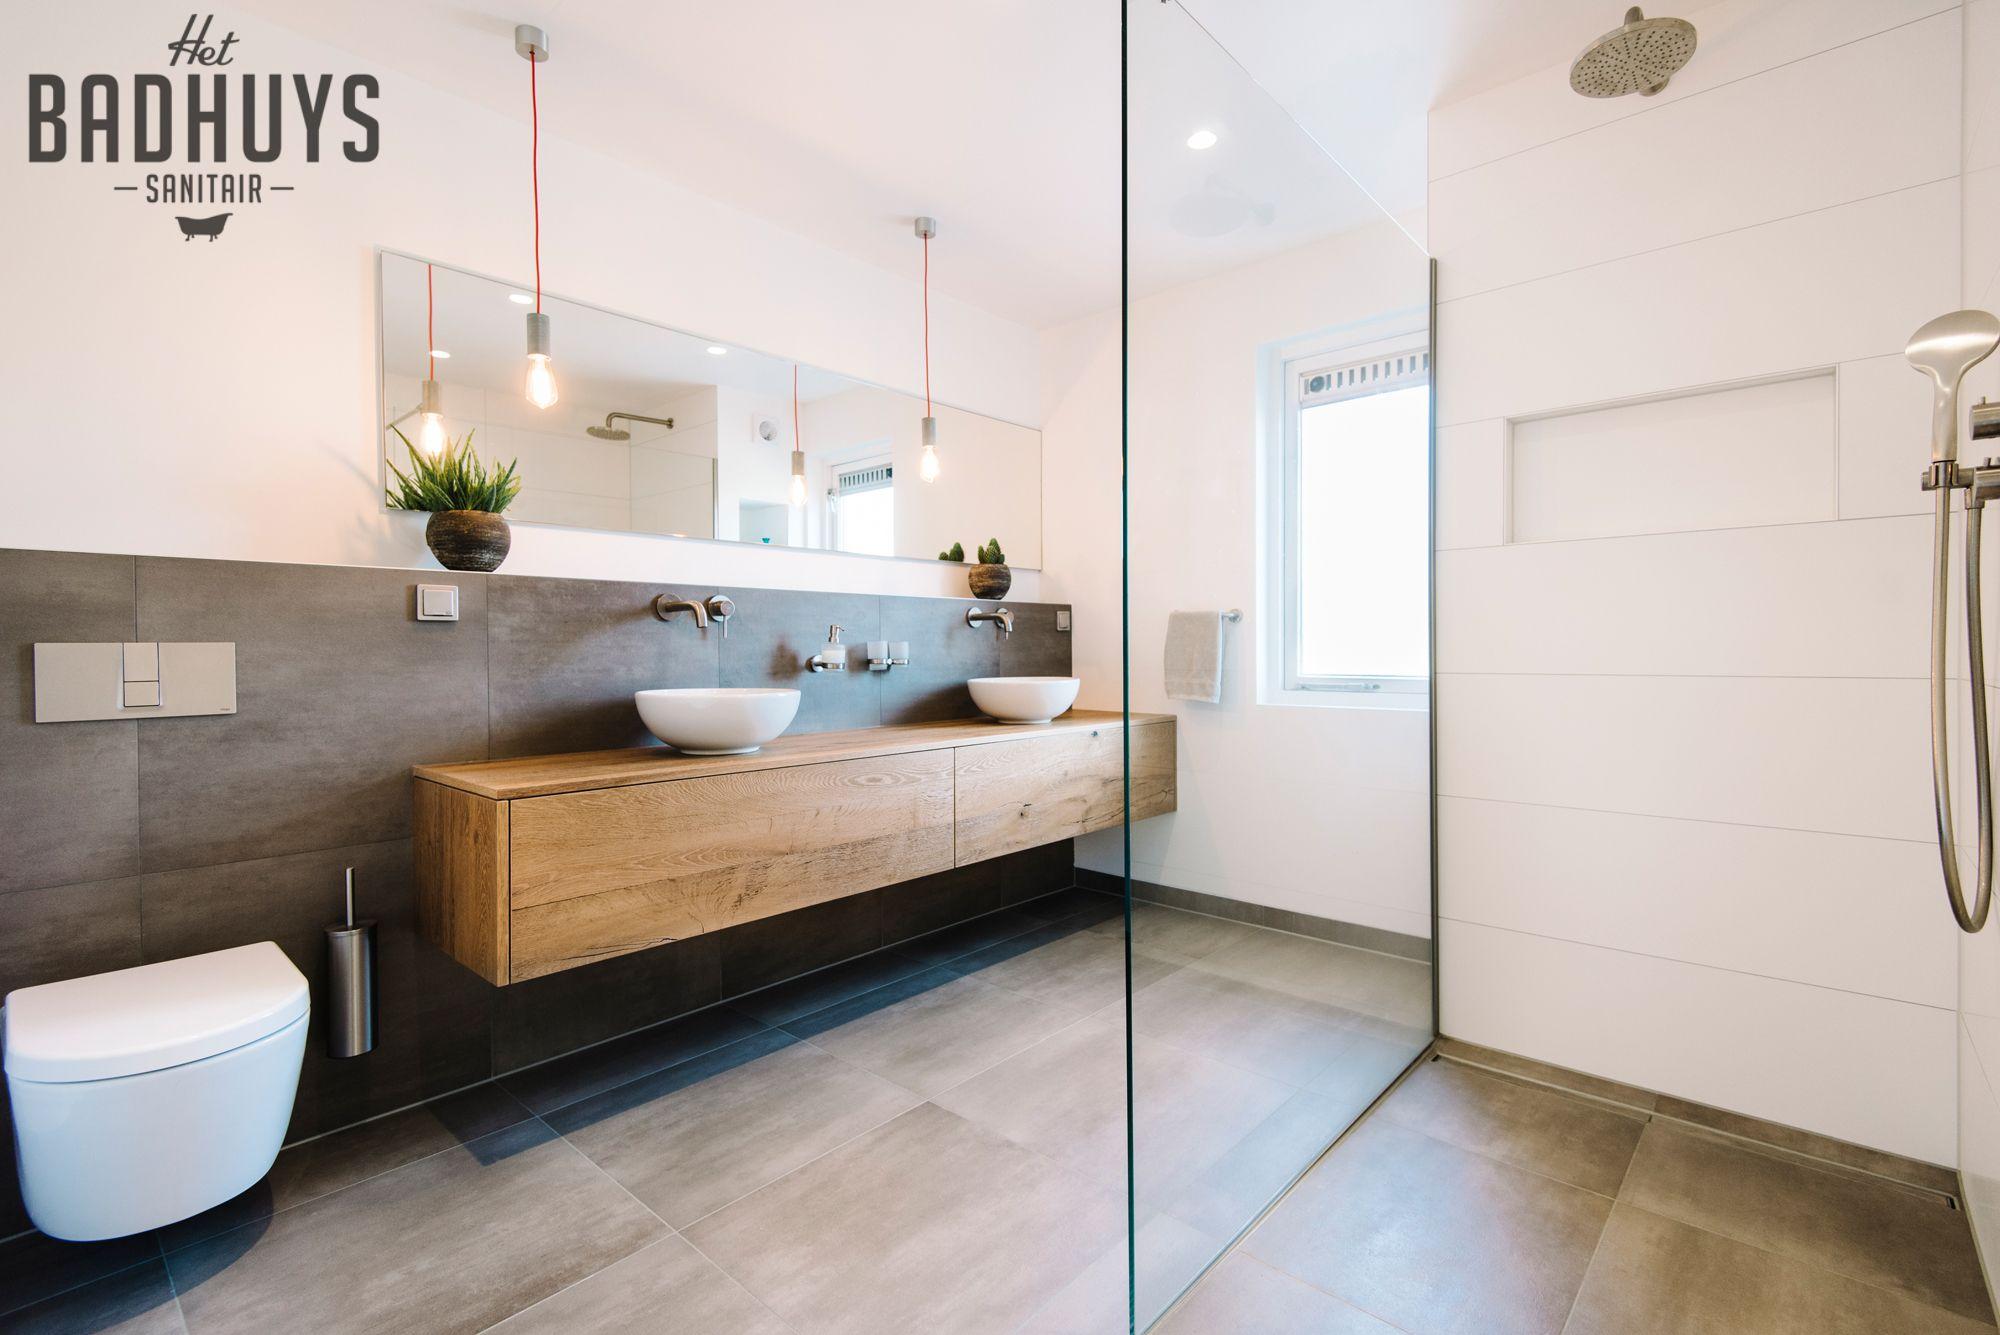 Badkamer met inloopdouche en inbouwkast het badhuys badezimmer